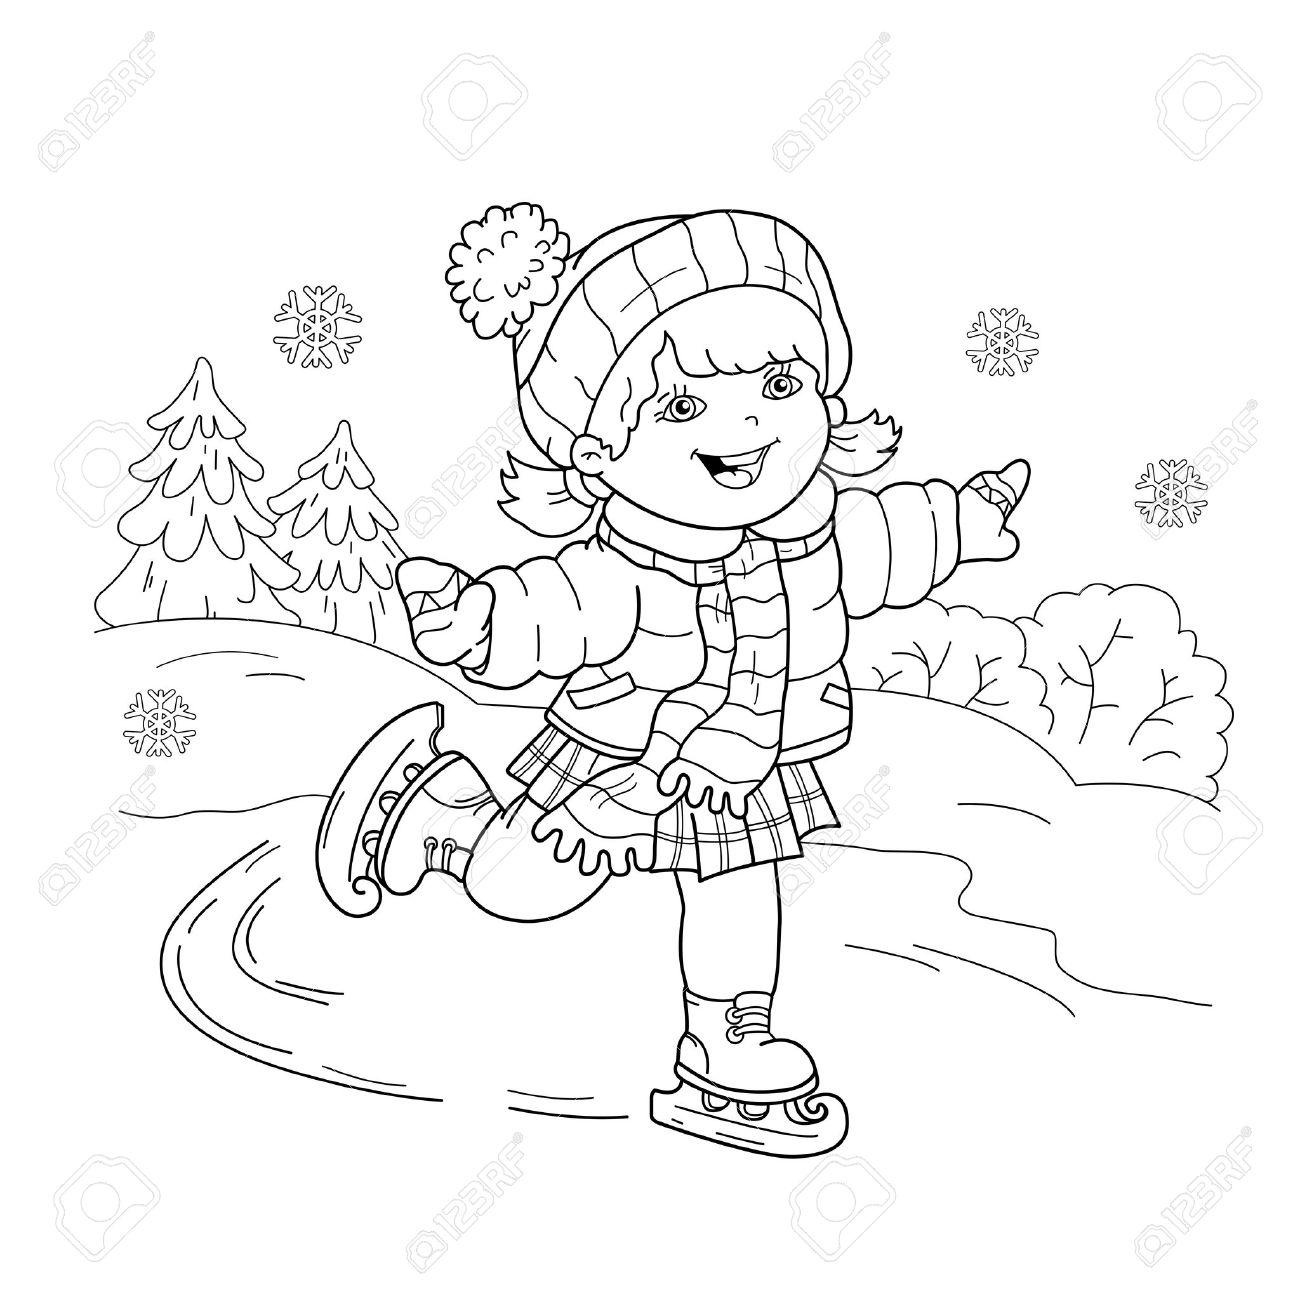 Malvorlagen Umriss Cartoon-Mädchen-Skaten. Wintersport. Malbuch Für ...